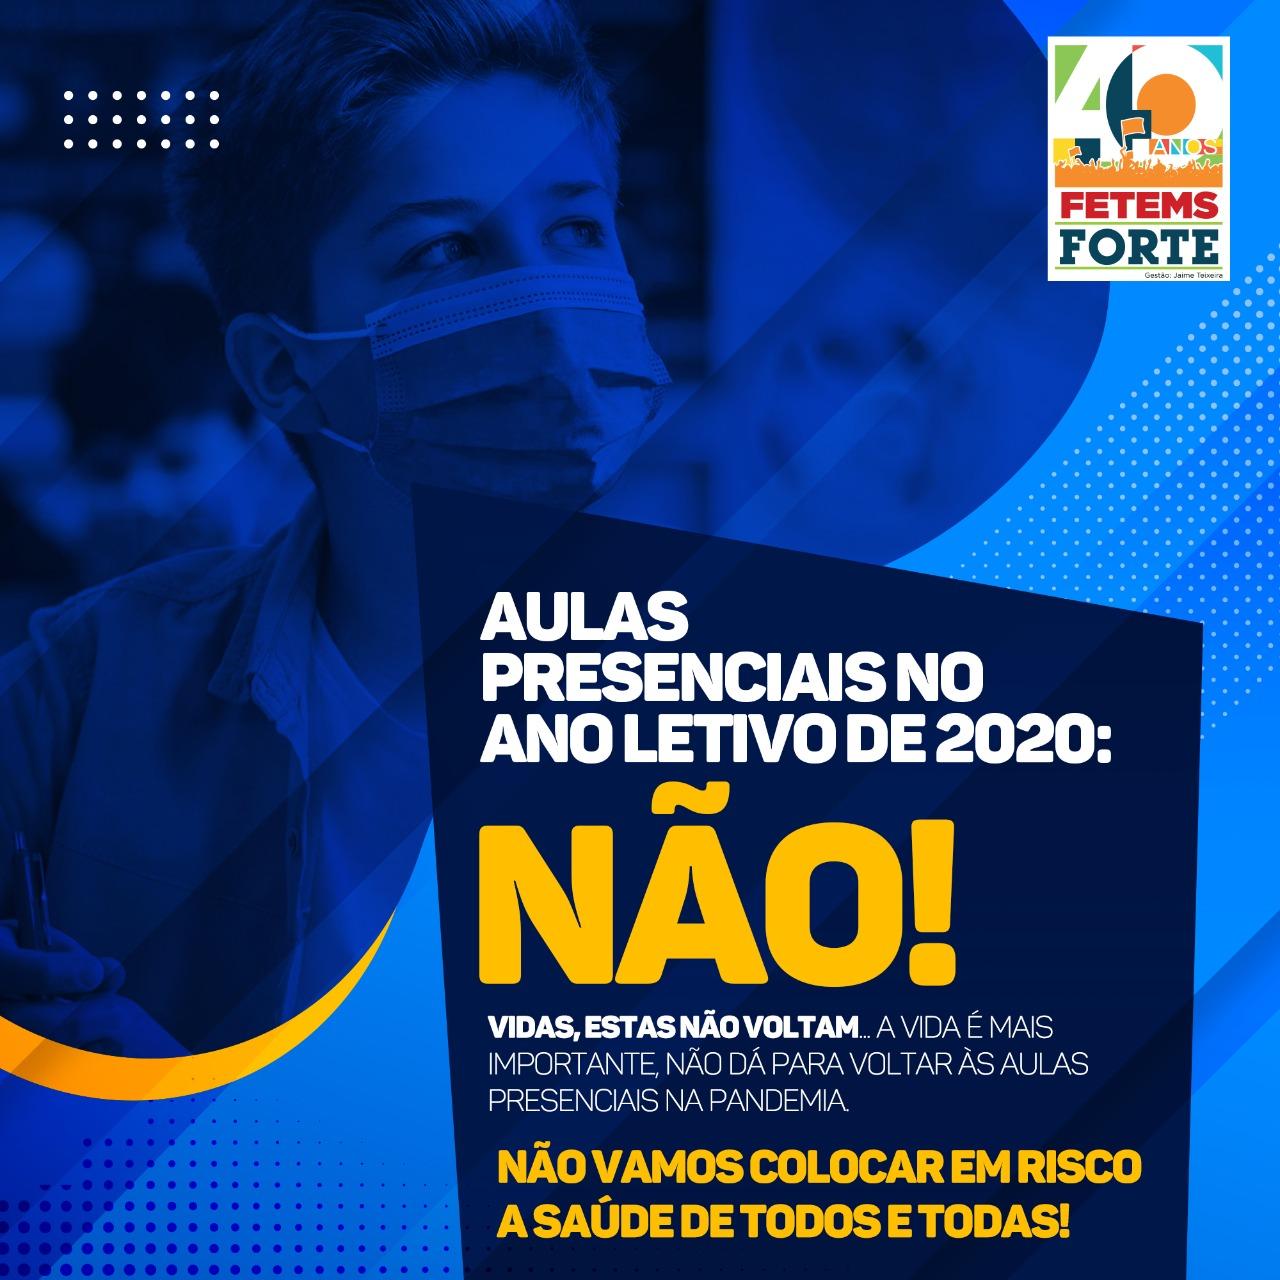 AULAS PRESENCIAIS NO ANO LETIVO DE 2020: NÃO! 7